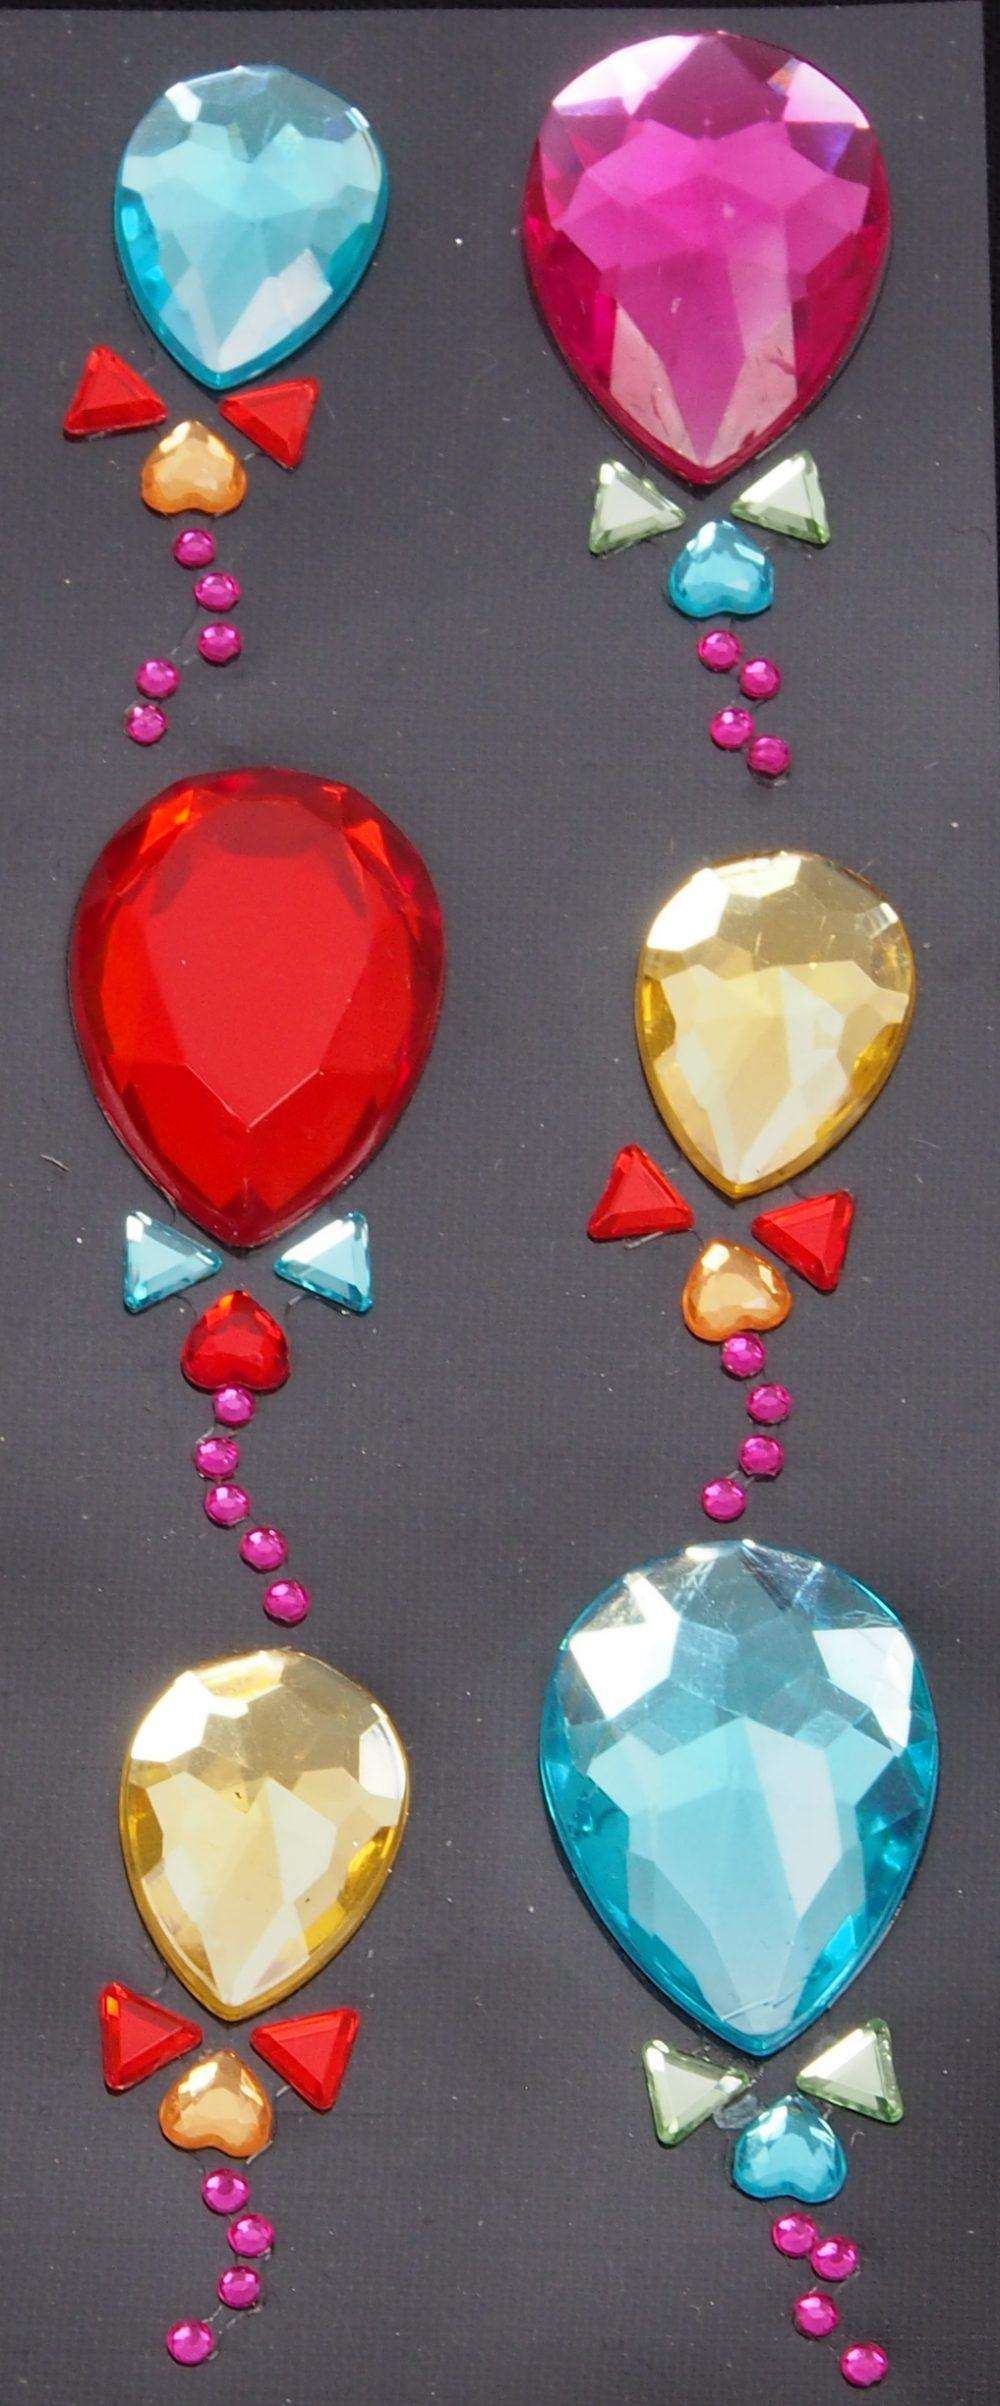 Strasssticker Ballons